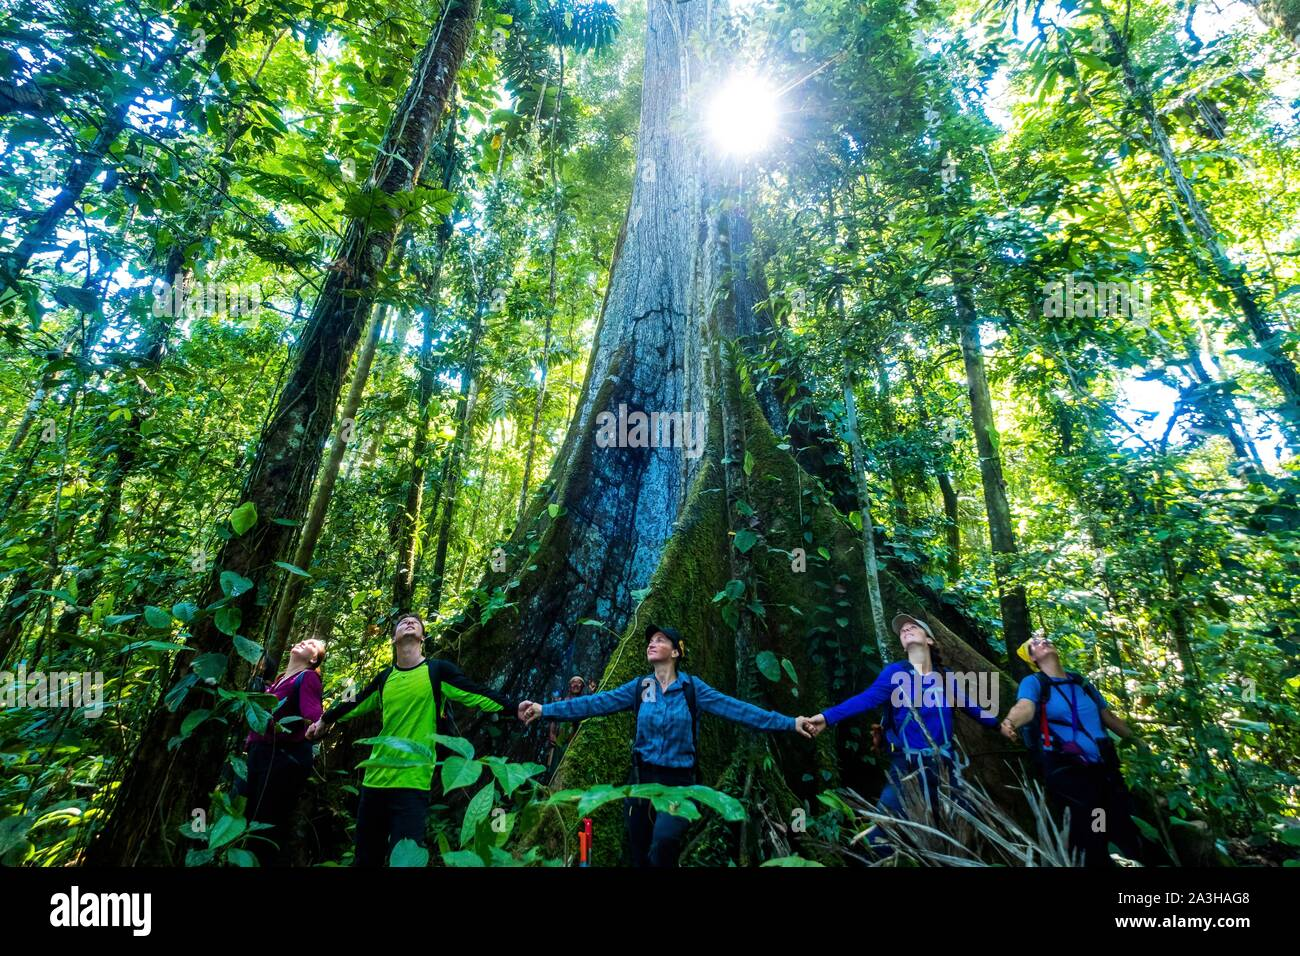 Ecuador, Tena, immersion Leben Erfahrungen mit der Waoranis des Rio Nushino, Baumwolle, Kapok, ceibo oder ceiba pentandra, brüderlichen Kreis um seinen Stamm Stockfoto